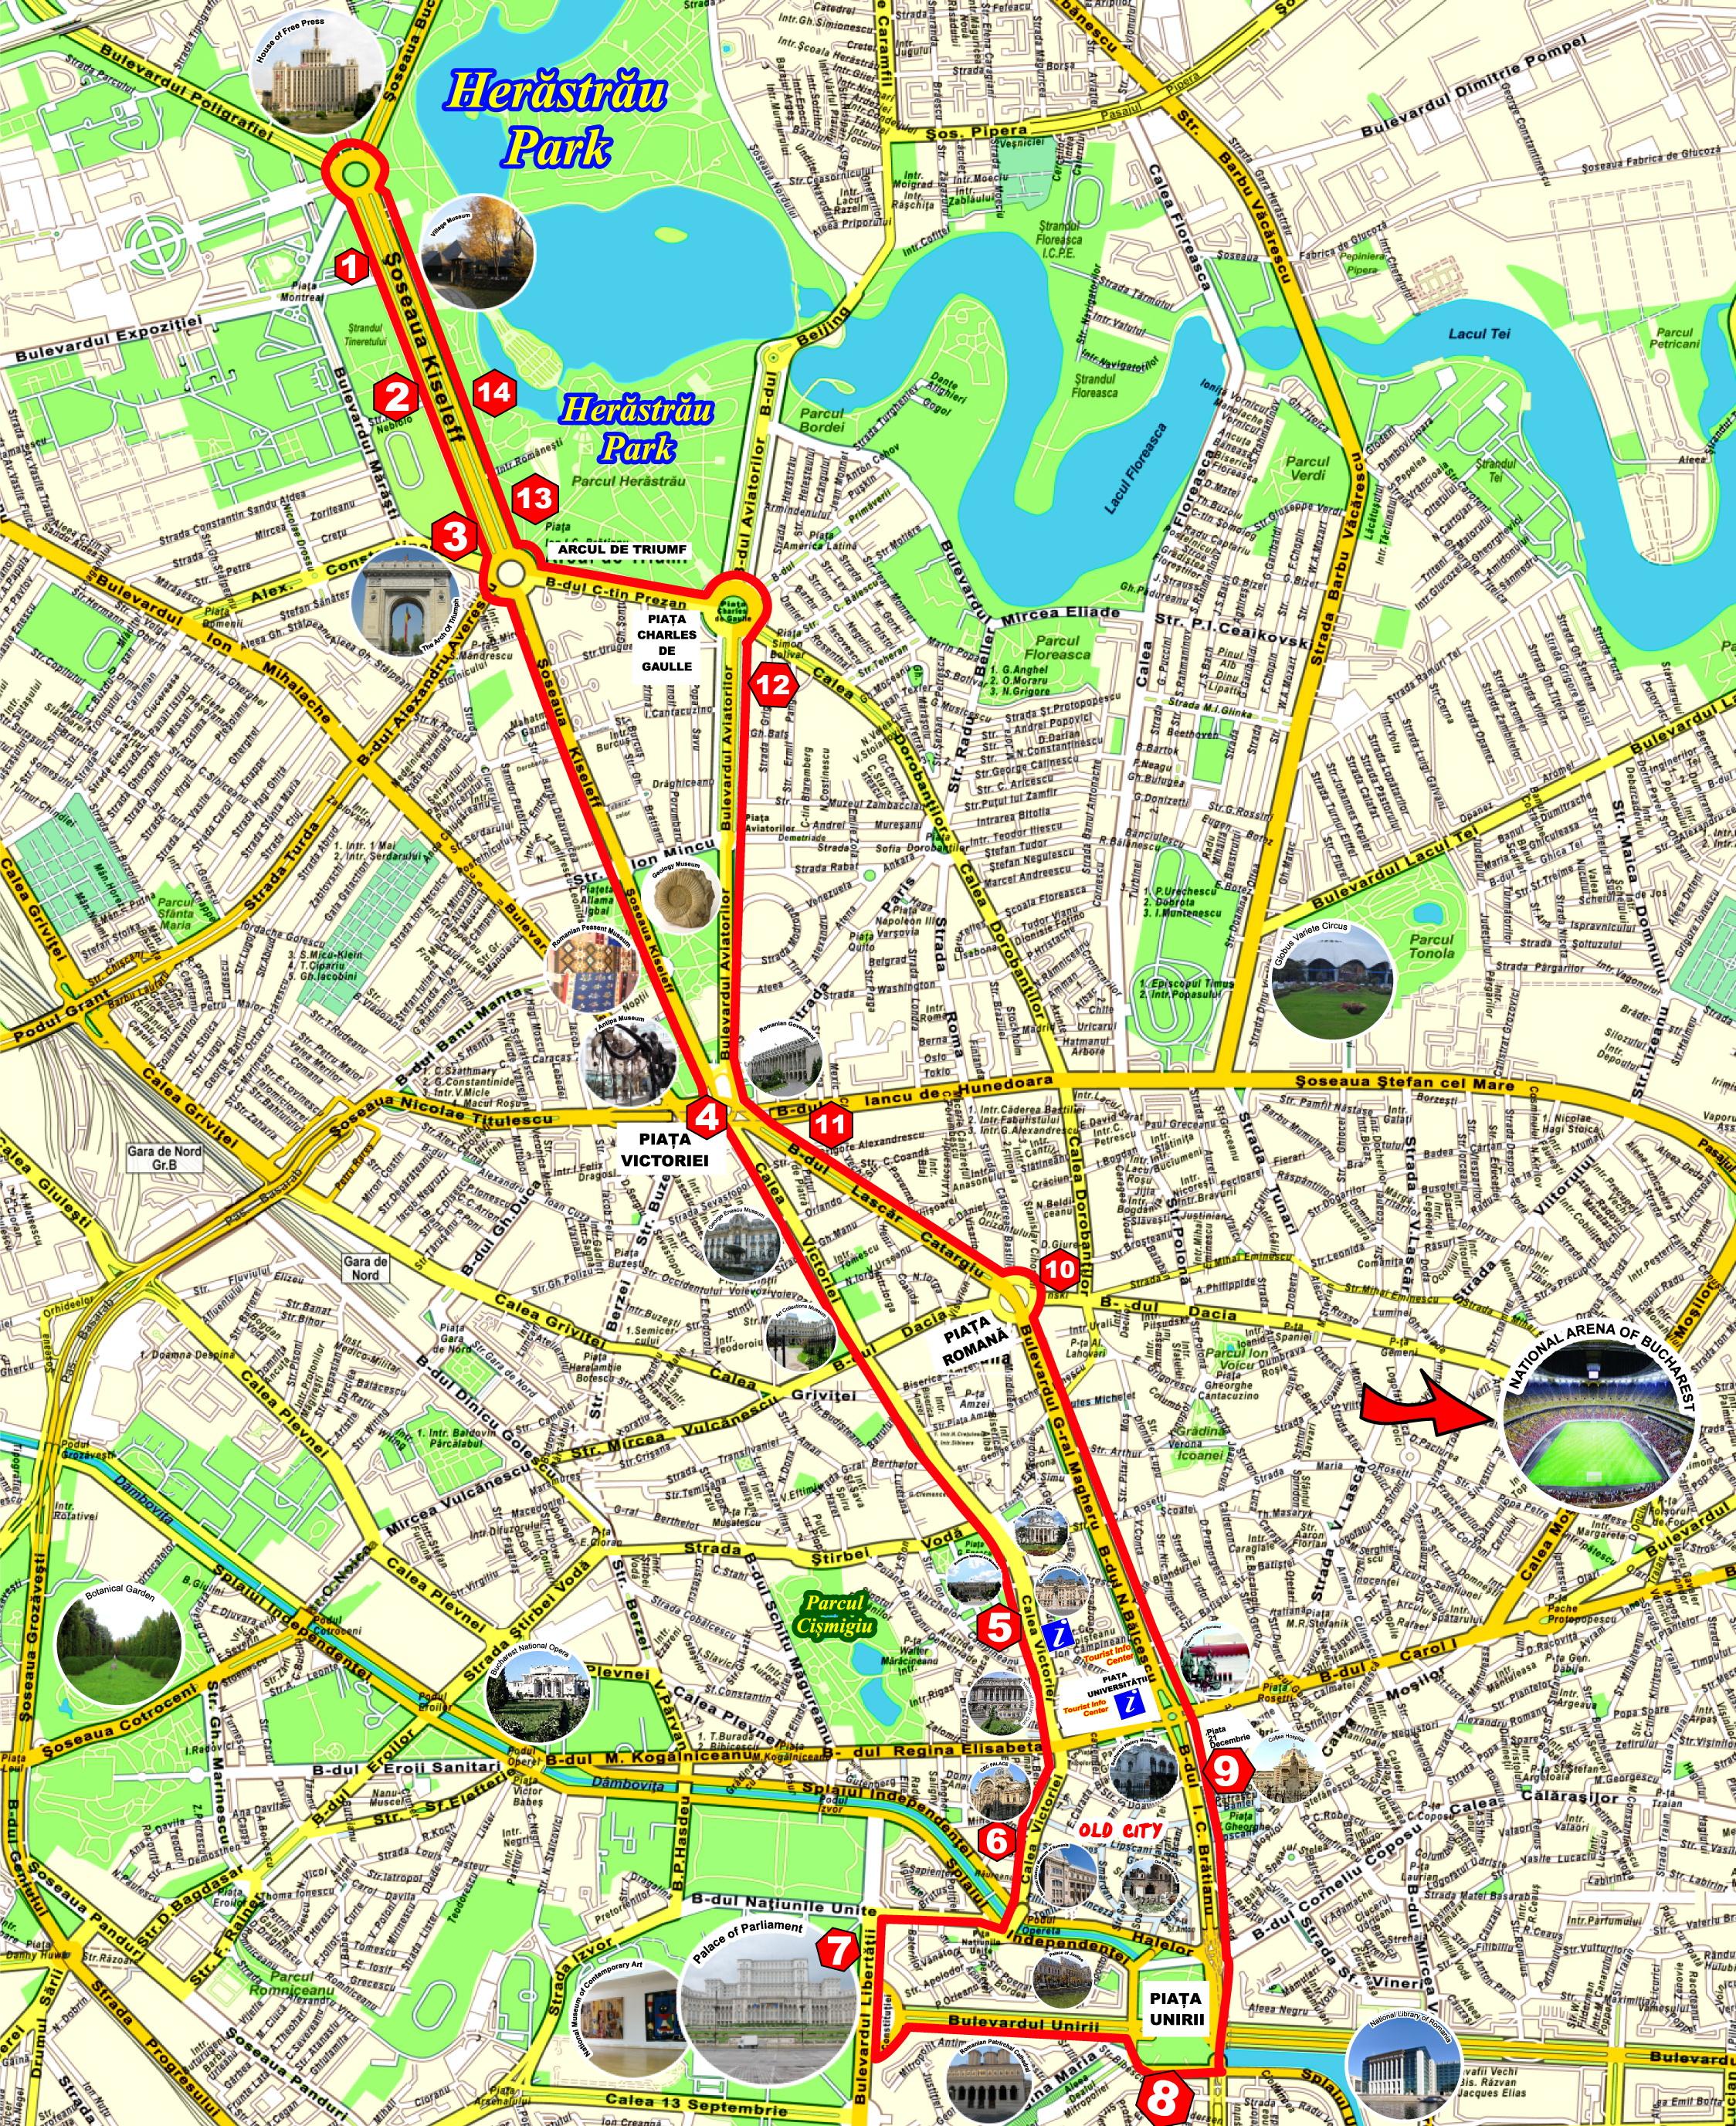 Linia turistică Bucharest City Tour s-a relansat astăzi! Patru autobuze double-decker pentru turul orașului